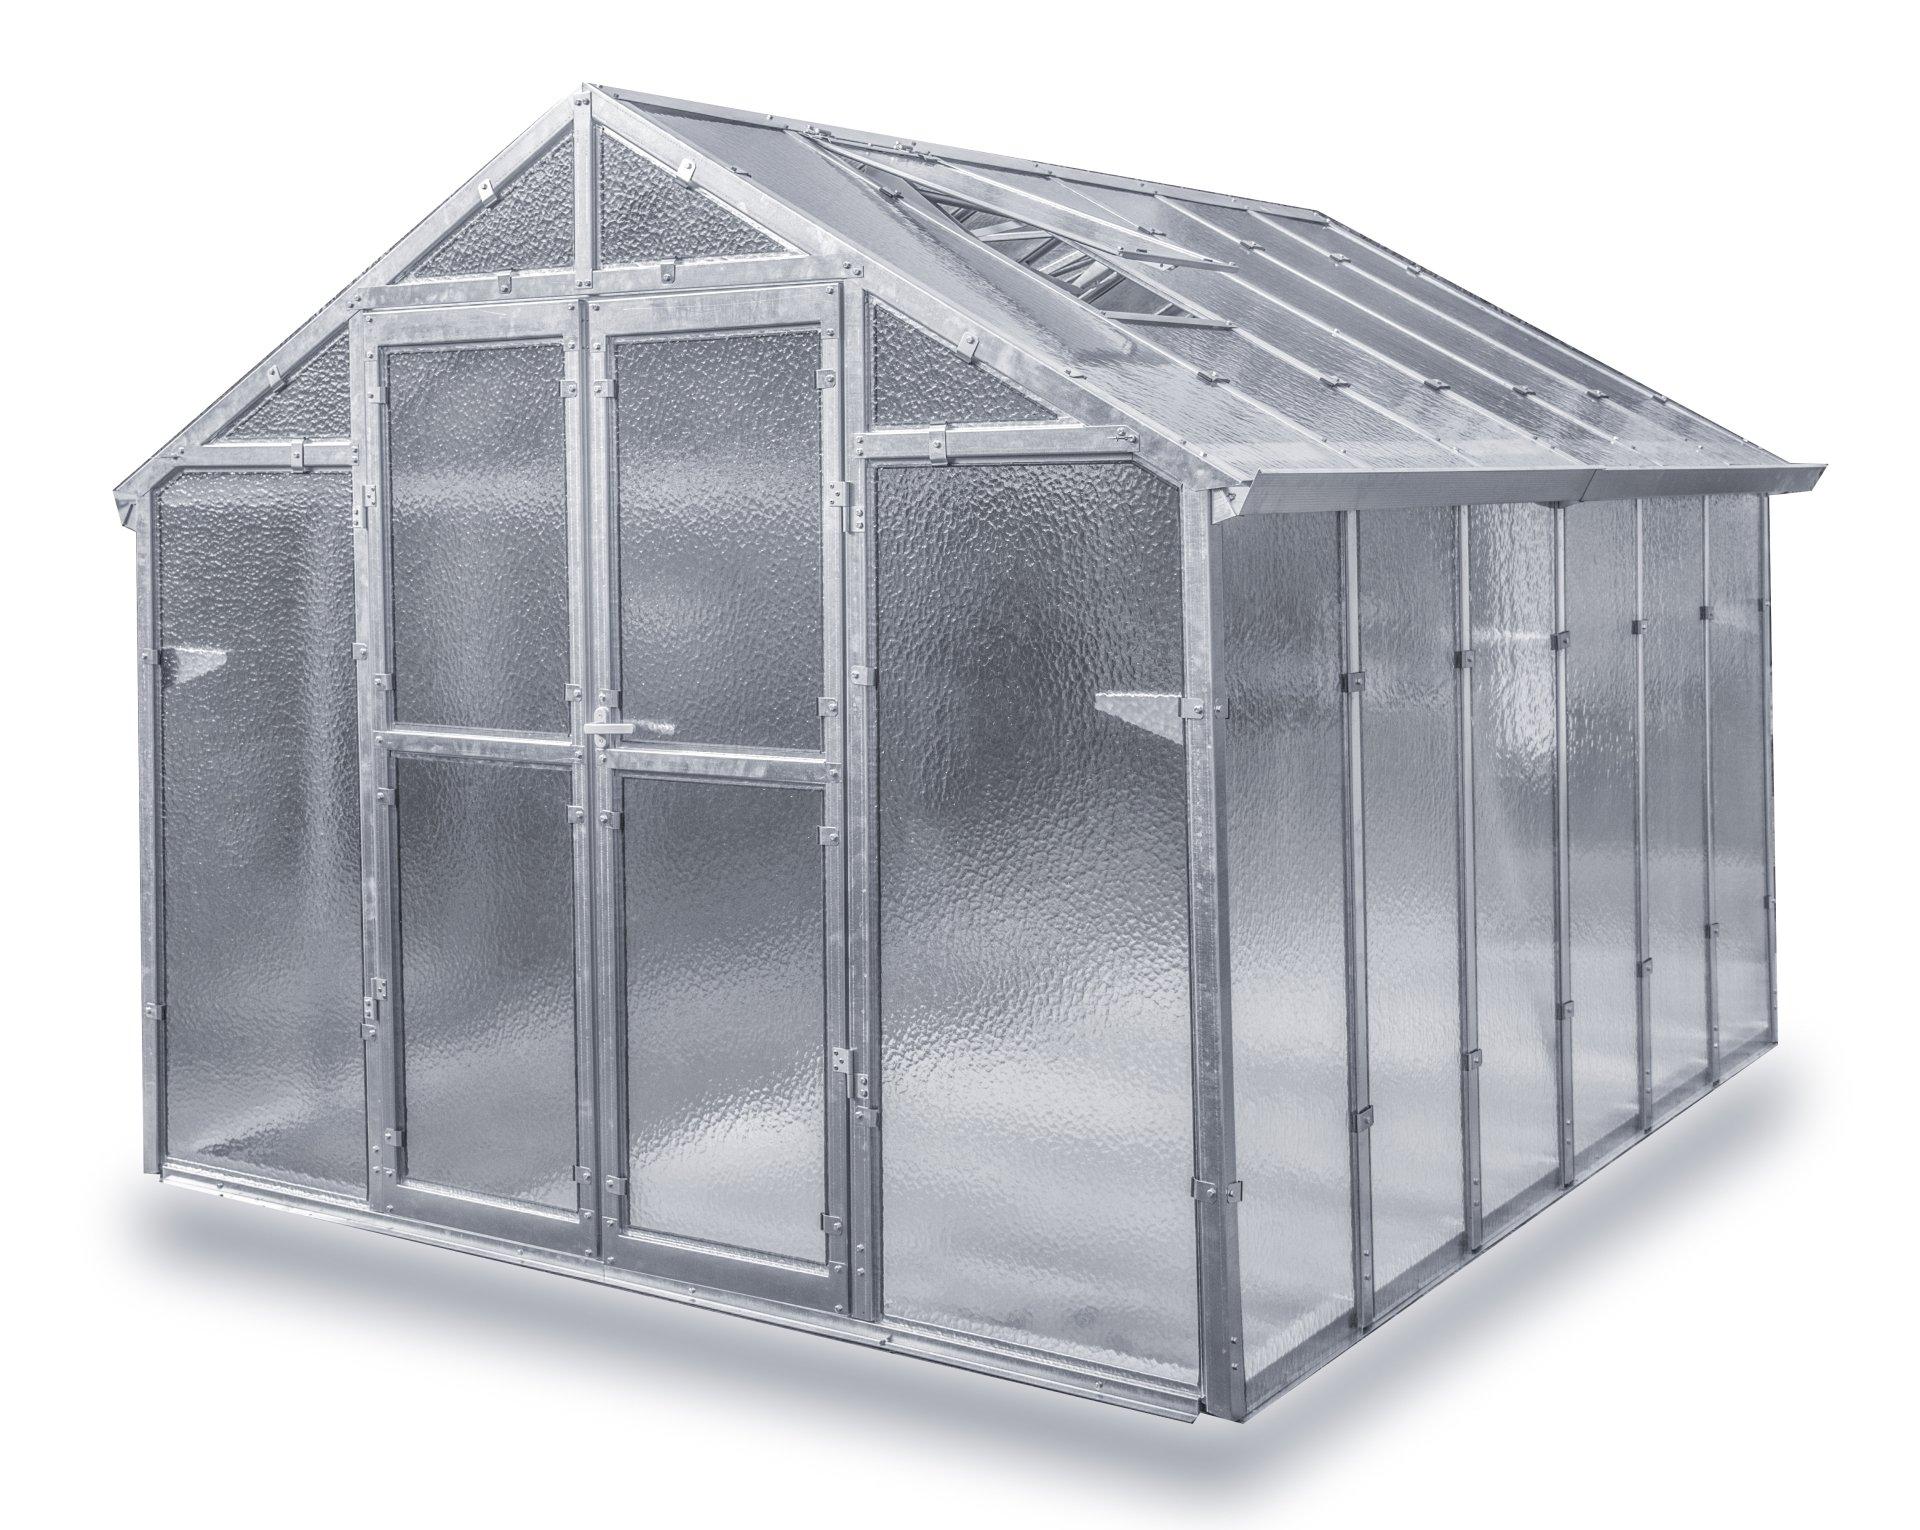 Gewächshaus Junior NEU aus verzinkten Metallprofilen und Echt-Glas, Breite 2,49 m (Länge 3,06 m)